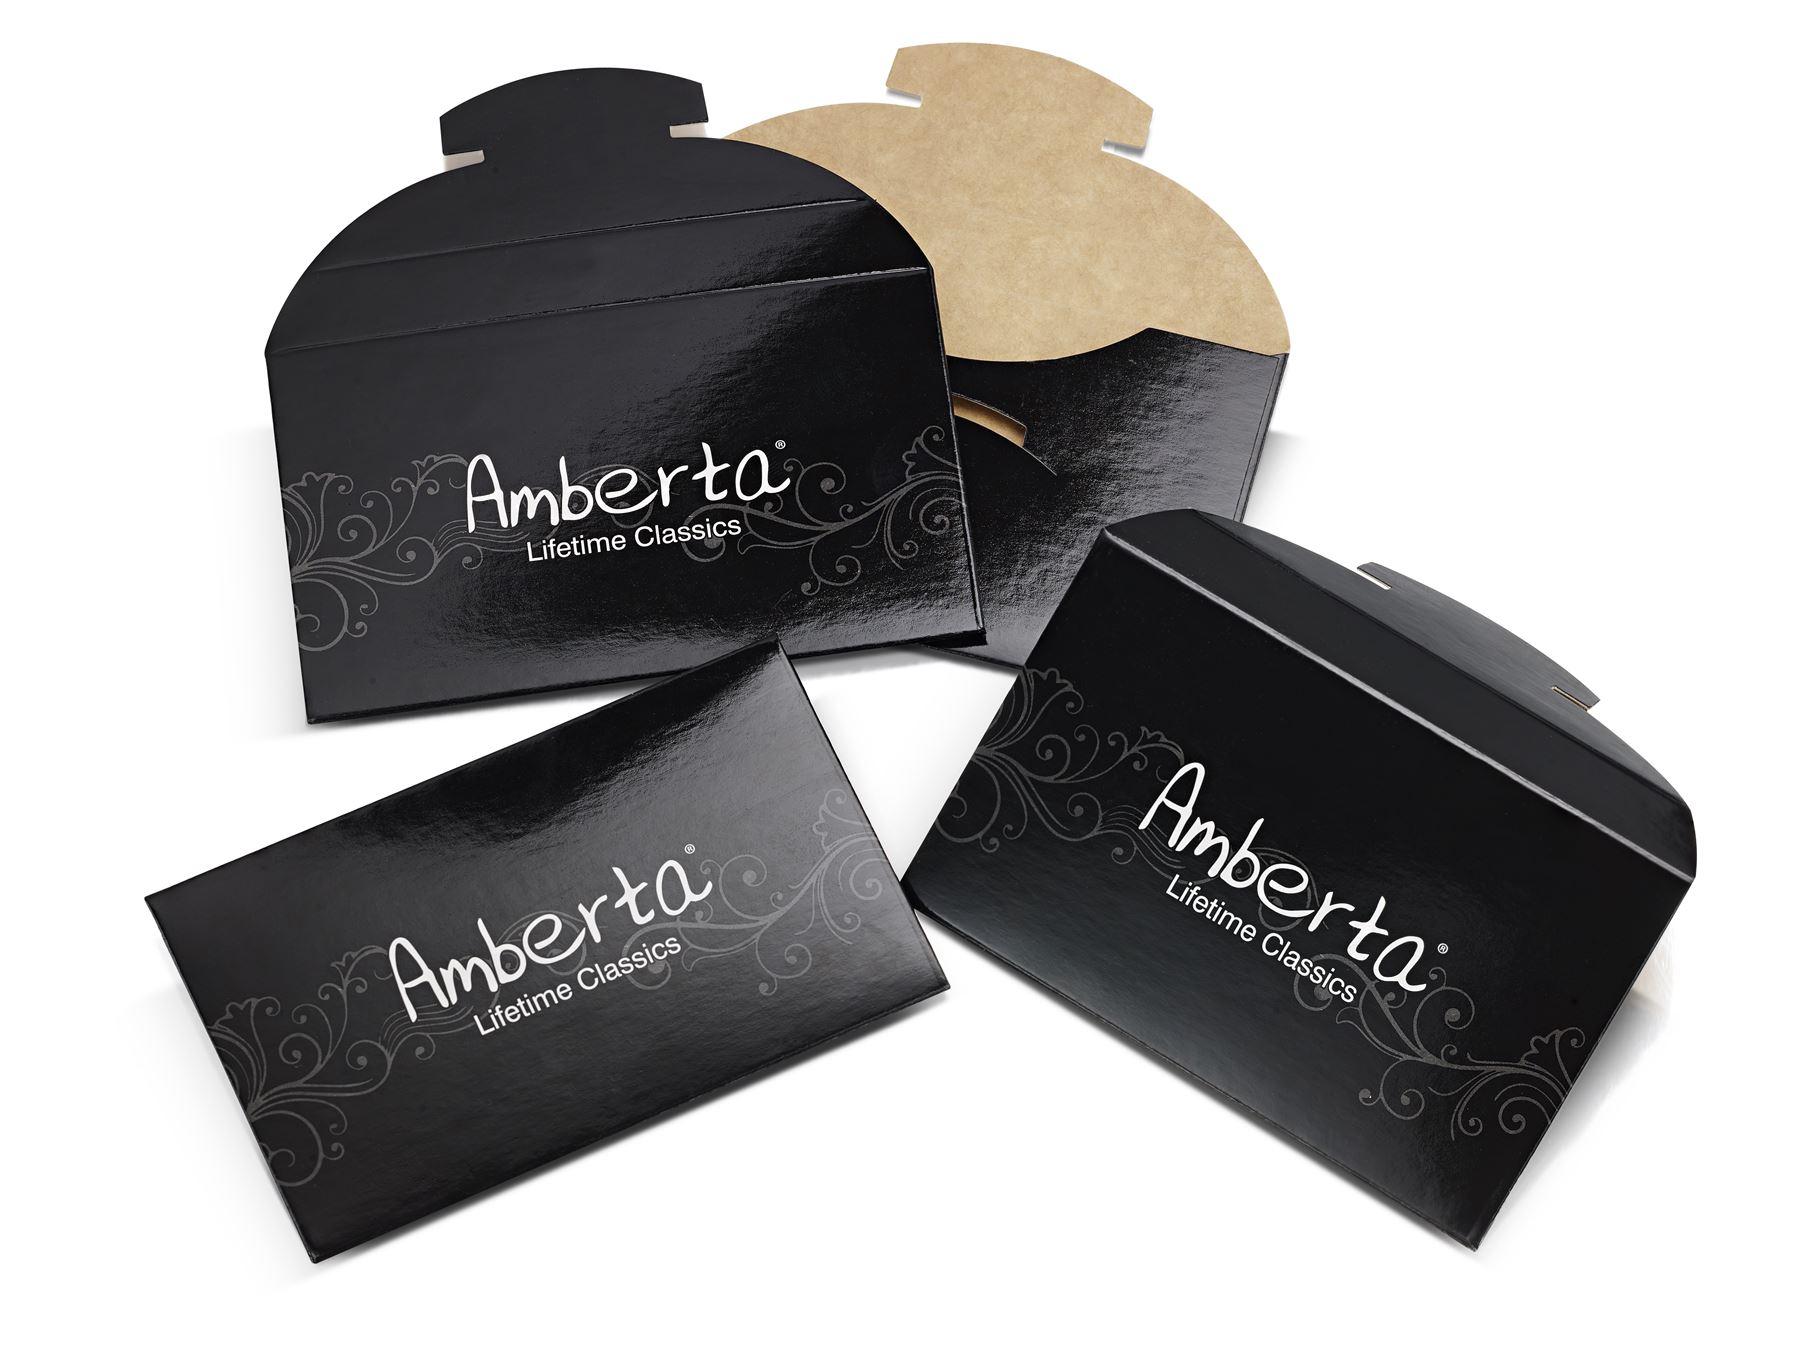 Amberta-Pendientes-para-Mujer-Aros-en-Plata-De-Ley-925-Autentica-Estilo-Clasico miniatura 16